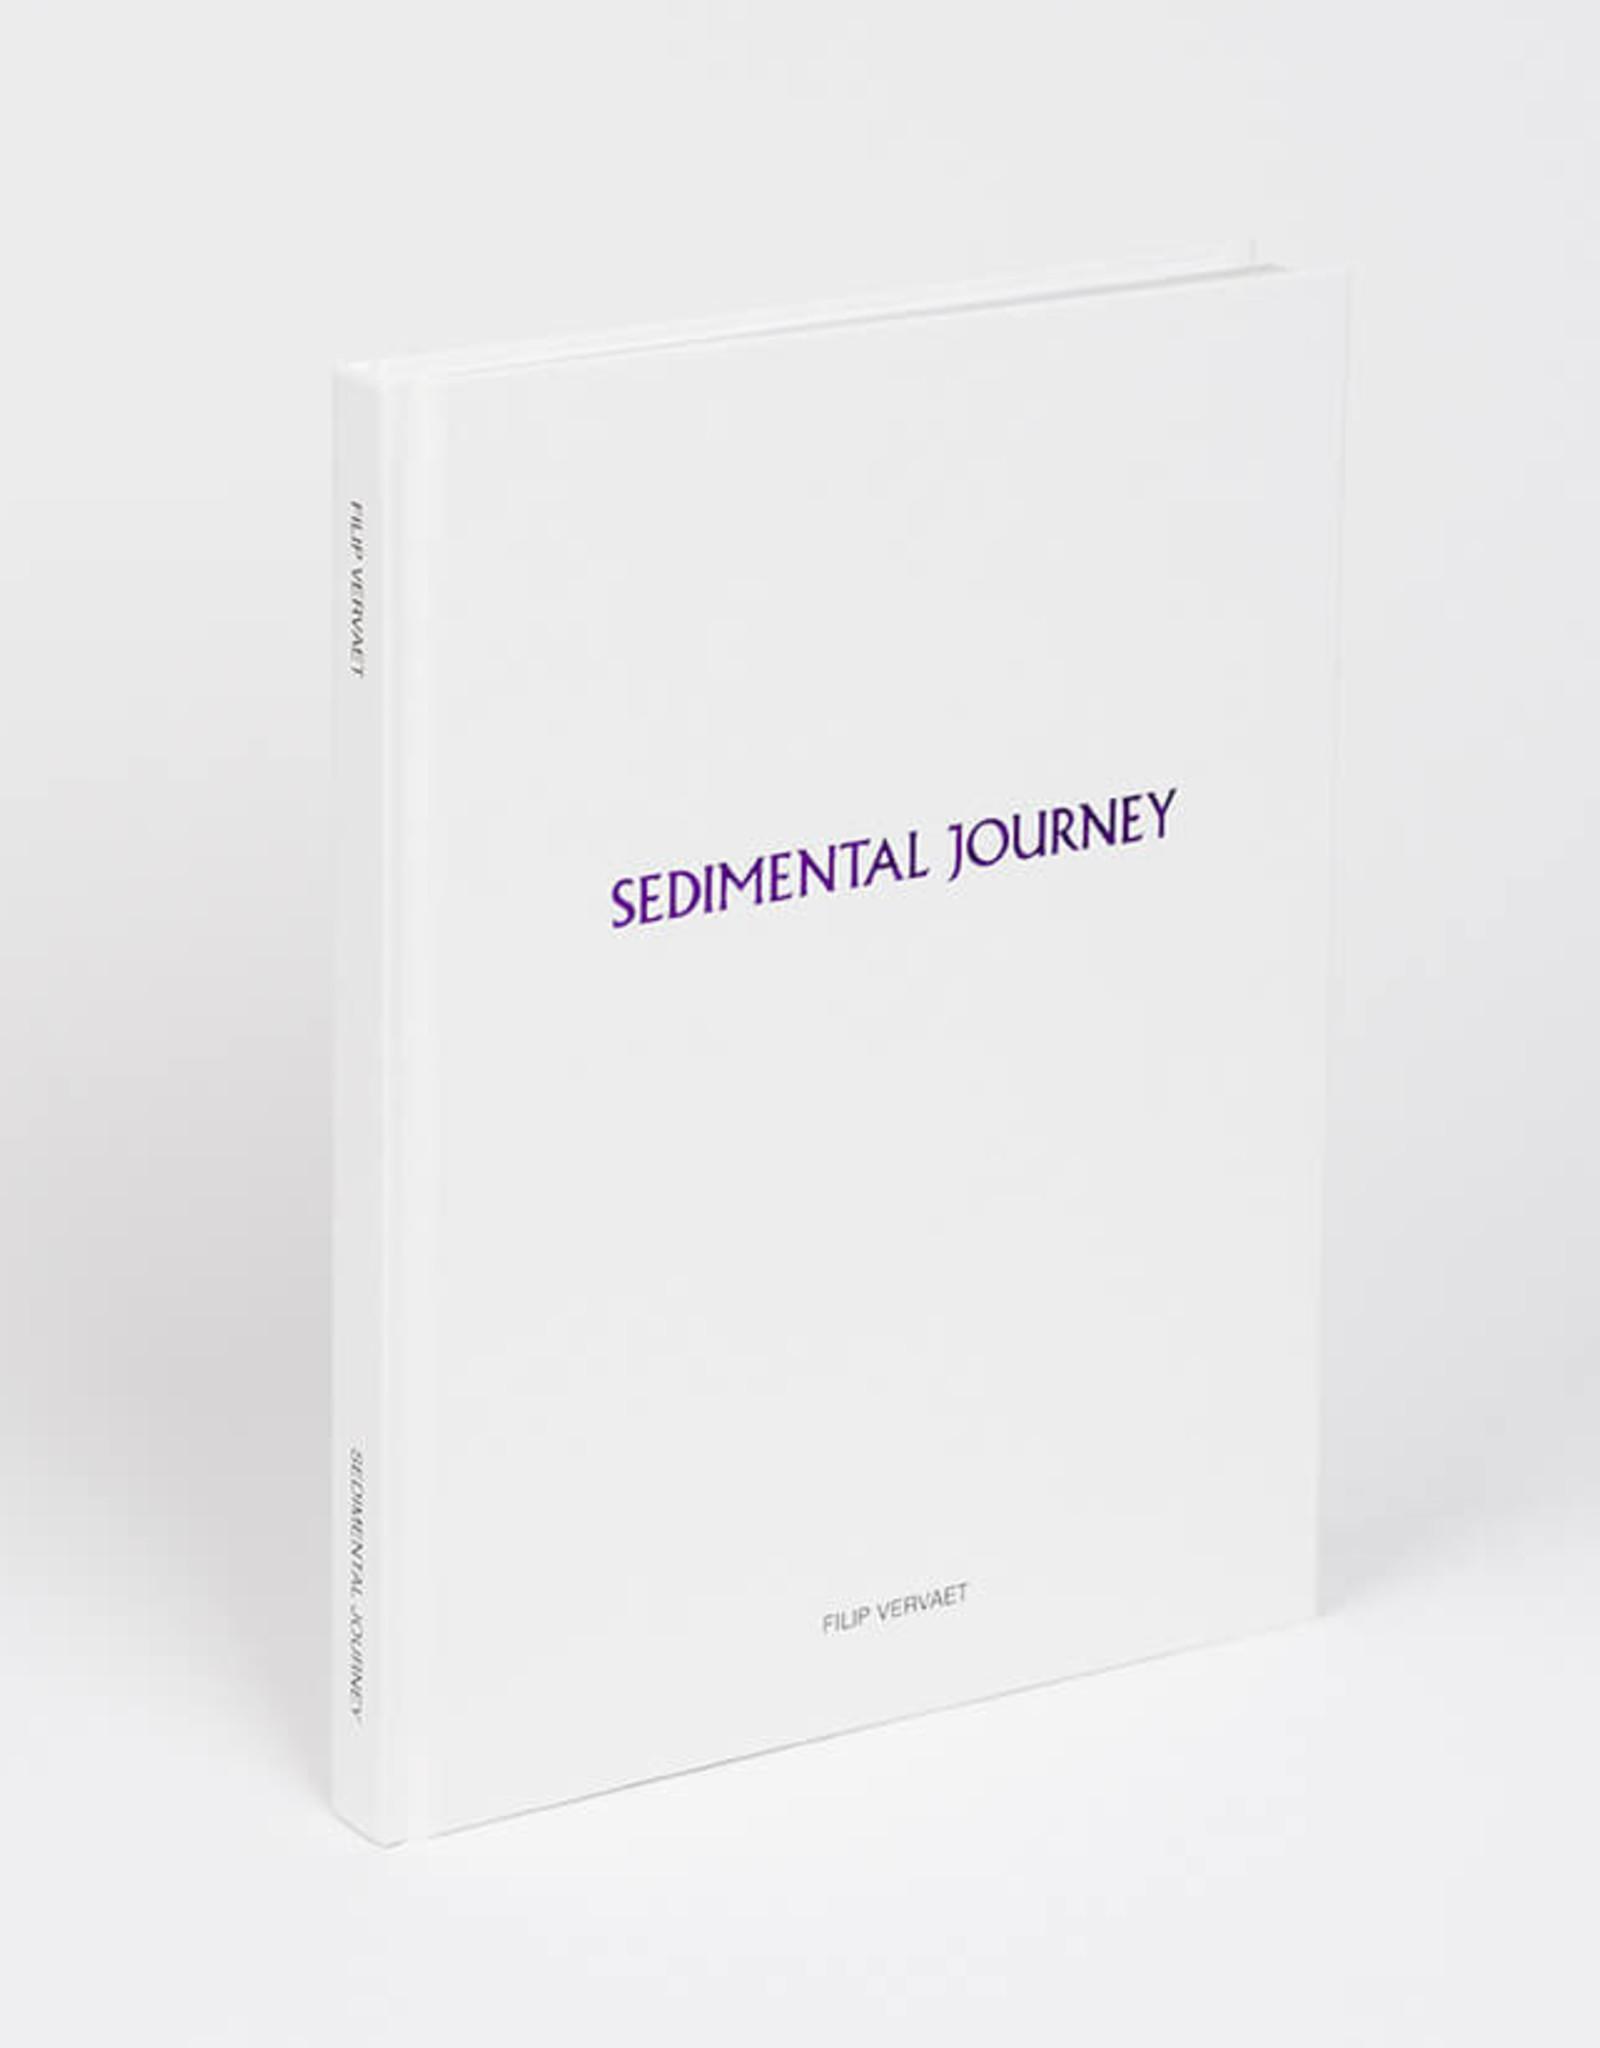 Filip Vervaet - Sedimental Journey